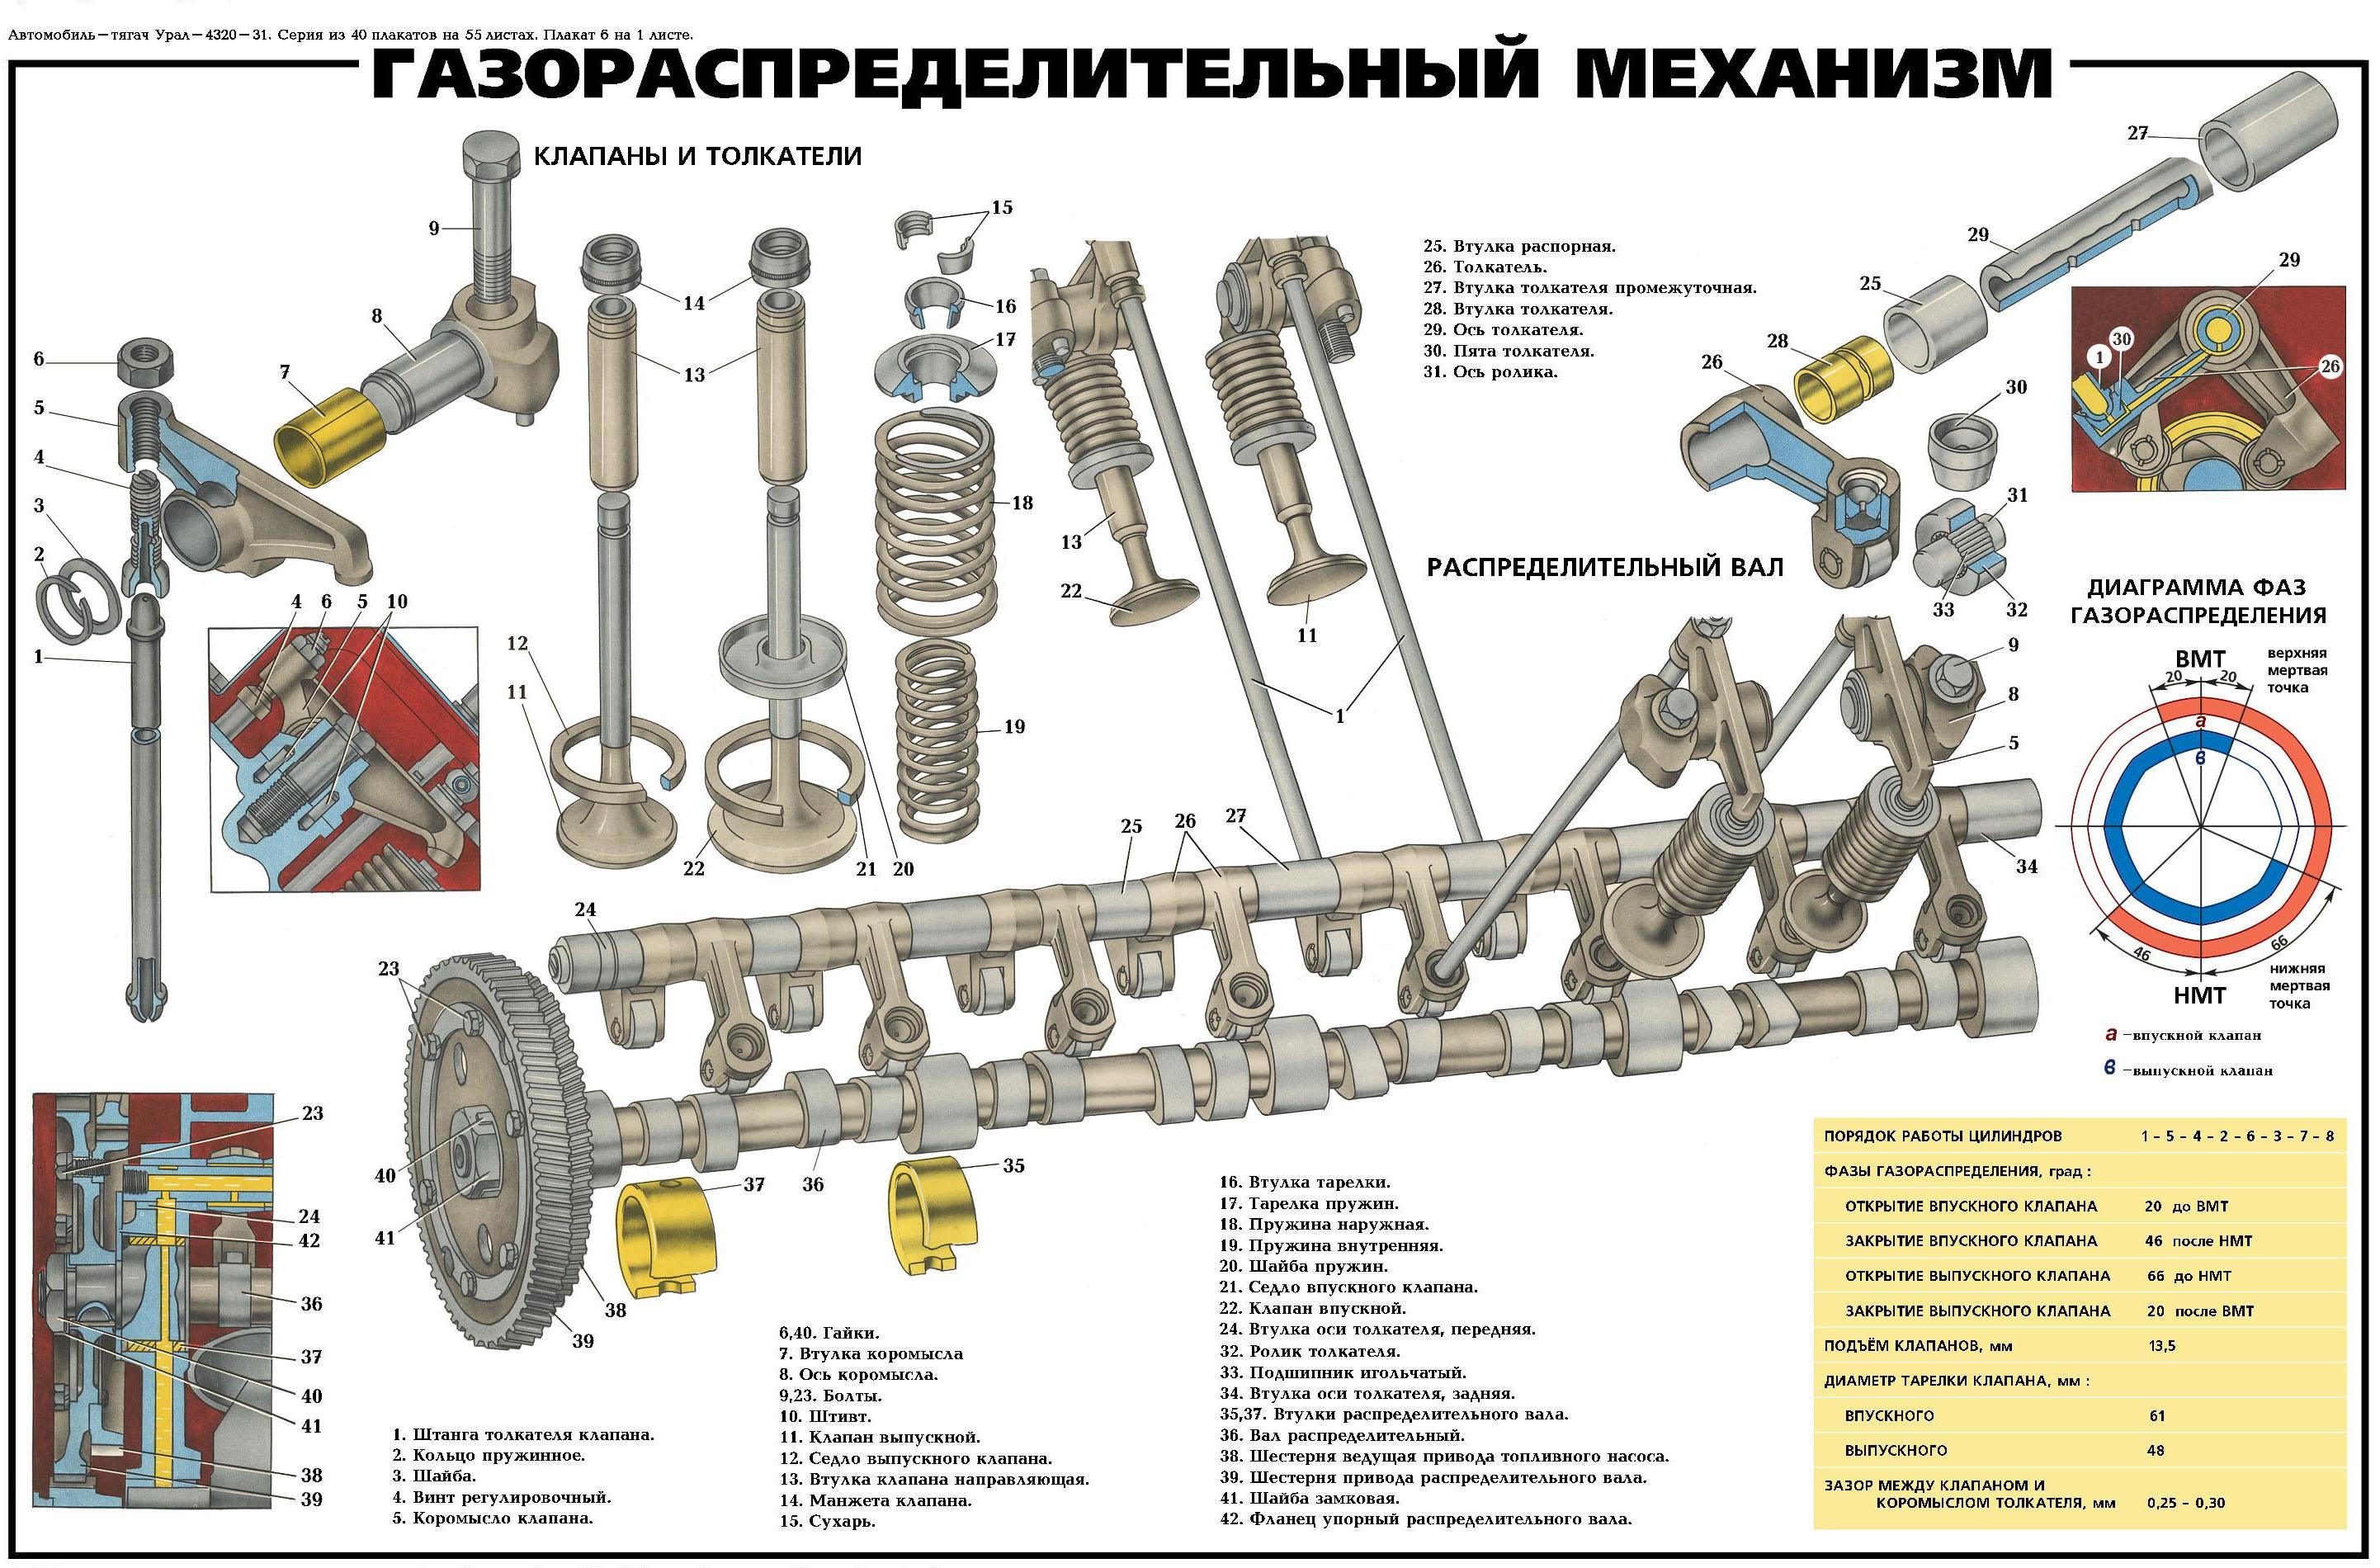 схема грузопневматических тормозов